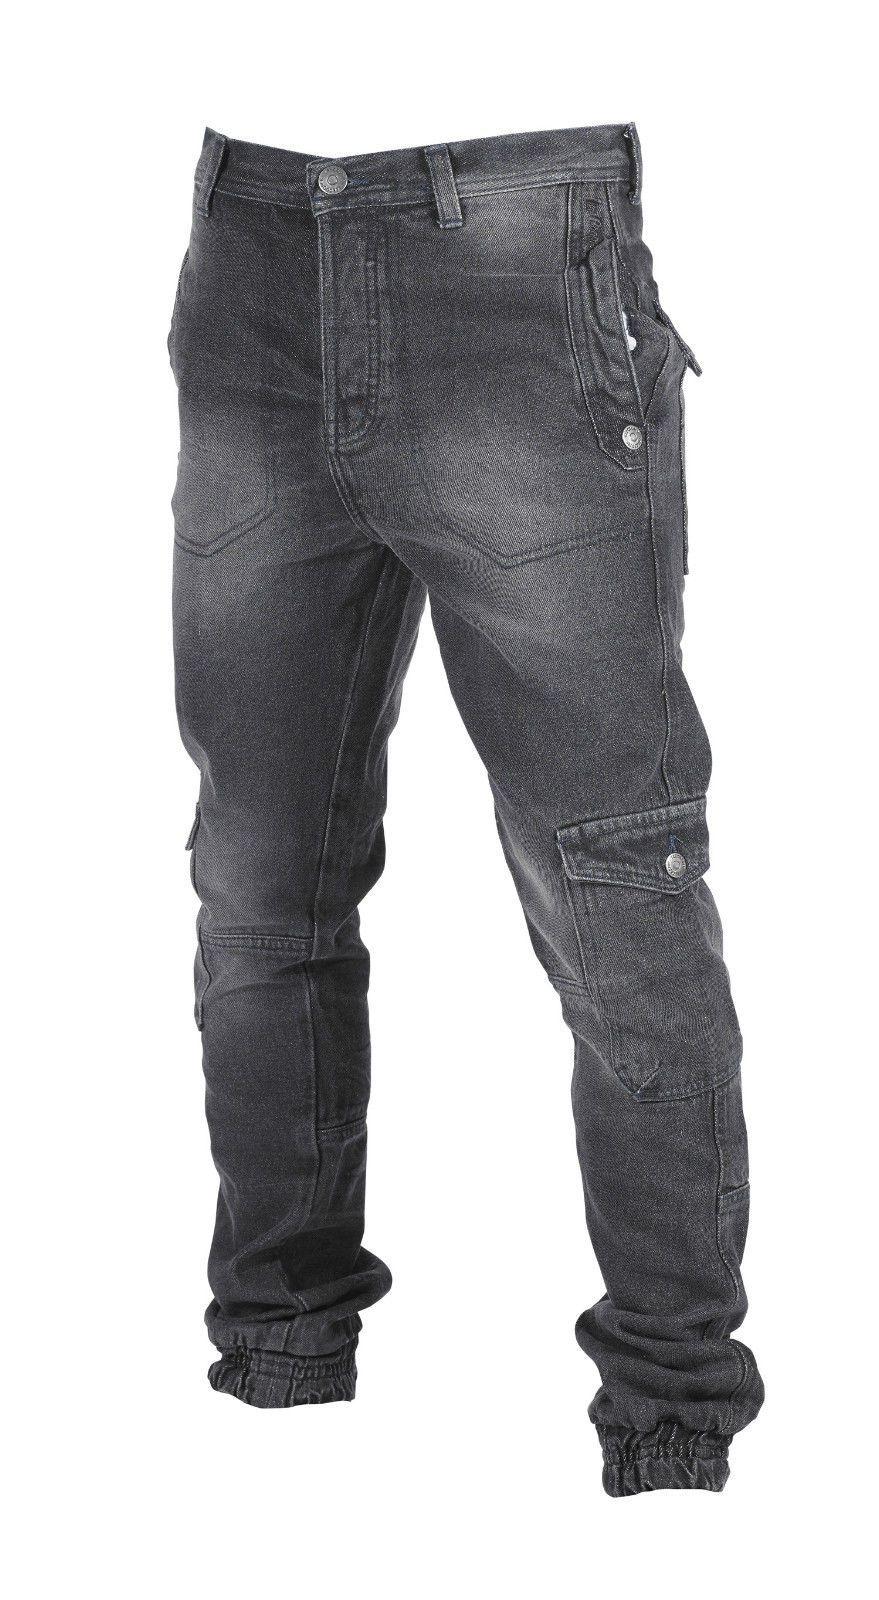 Lee Cooper Mens Designer Denim Fashion Jeans